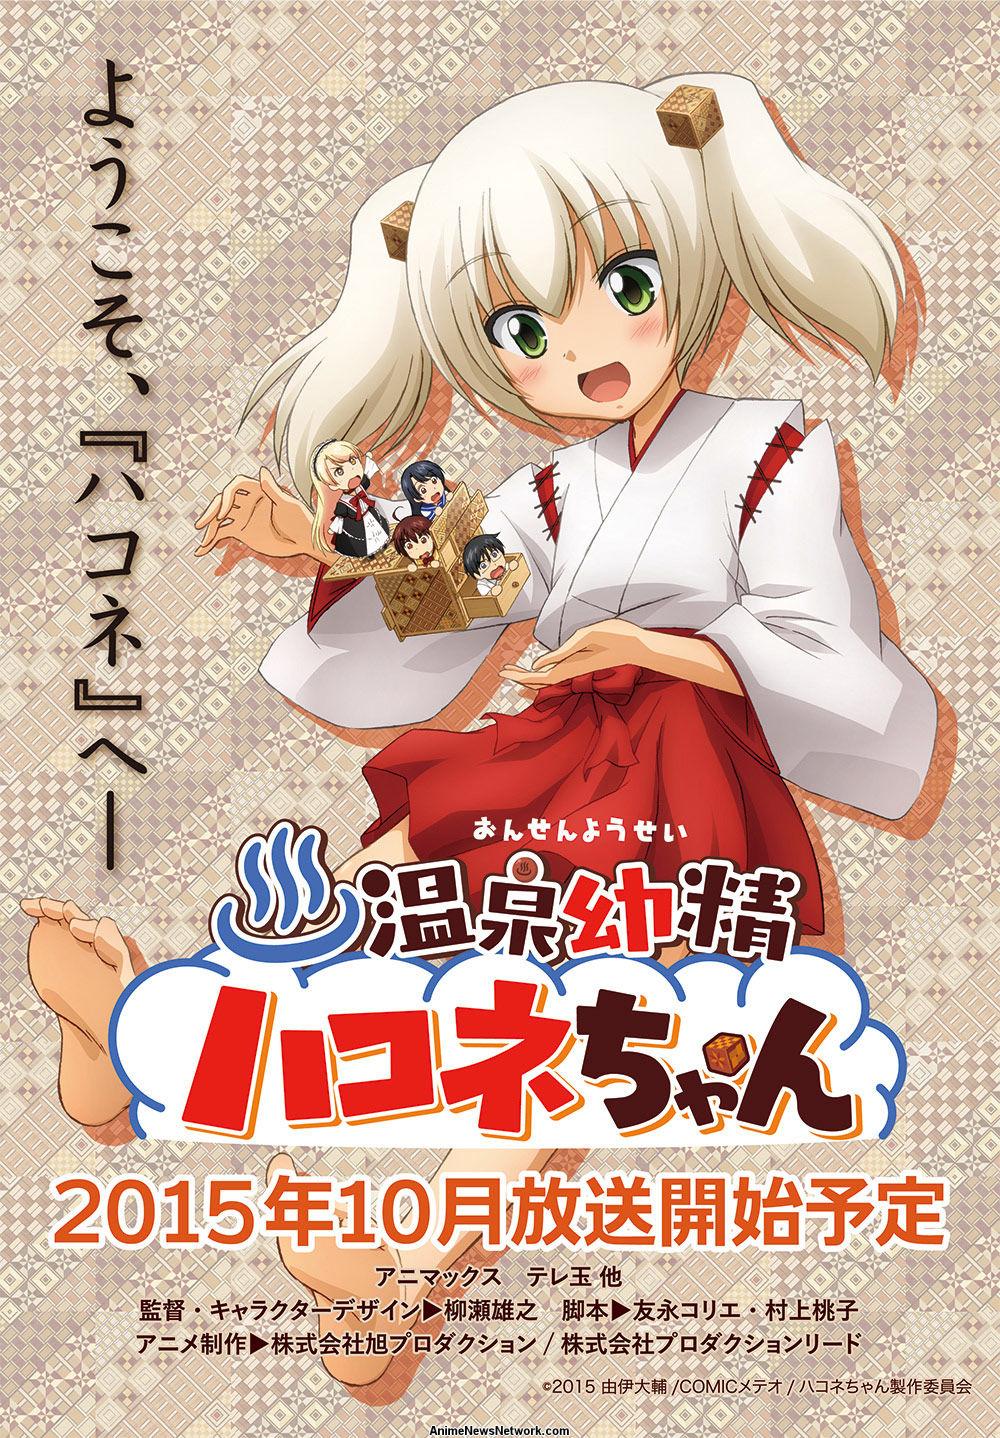 key visual Анонсировано аниме по манге Hakone chan.